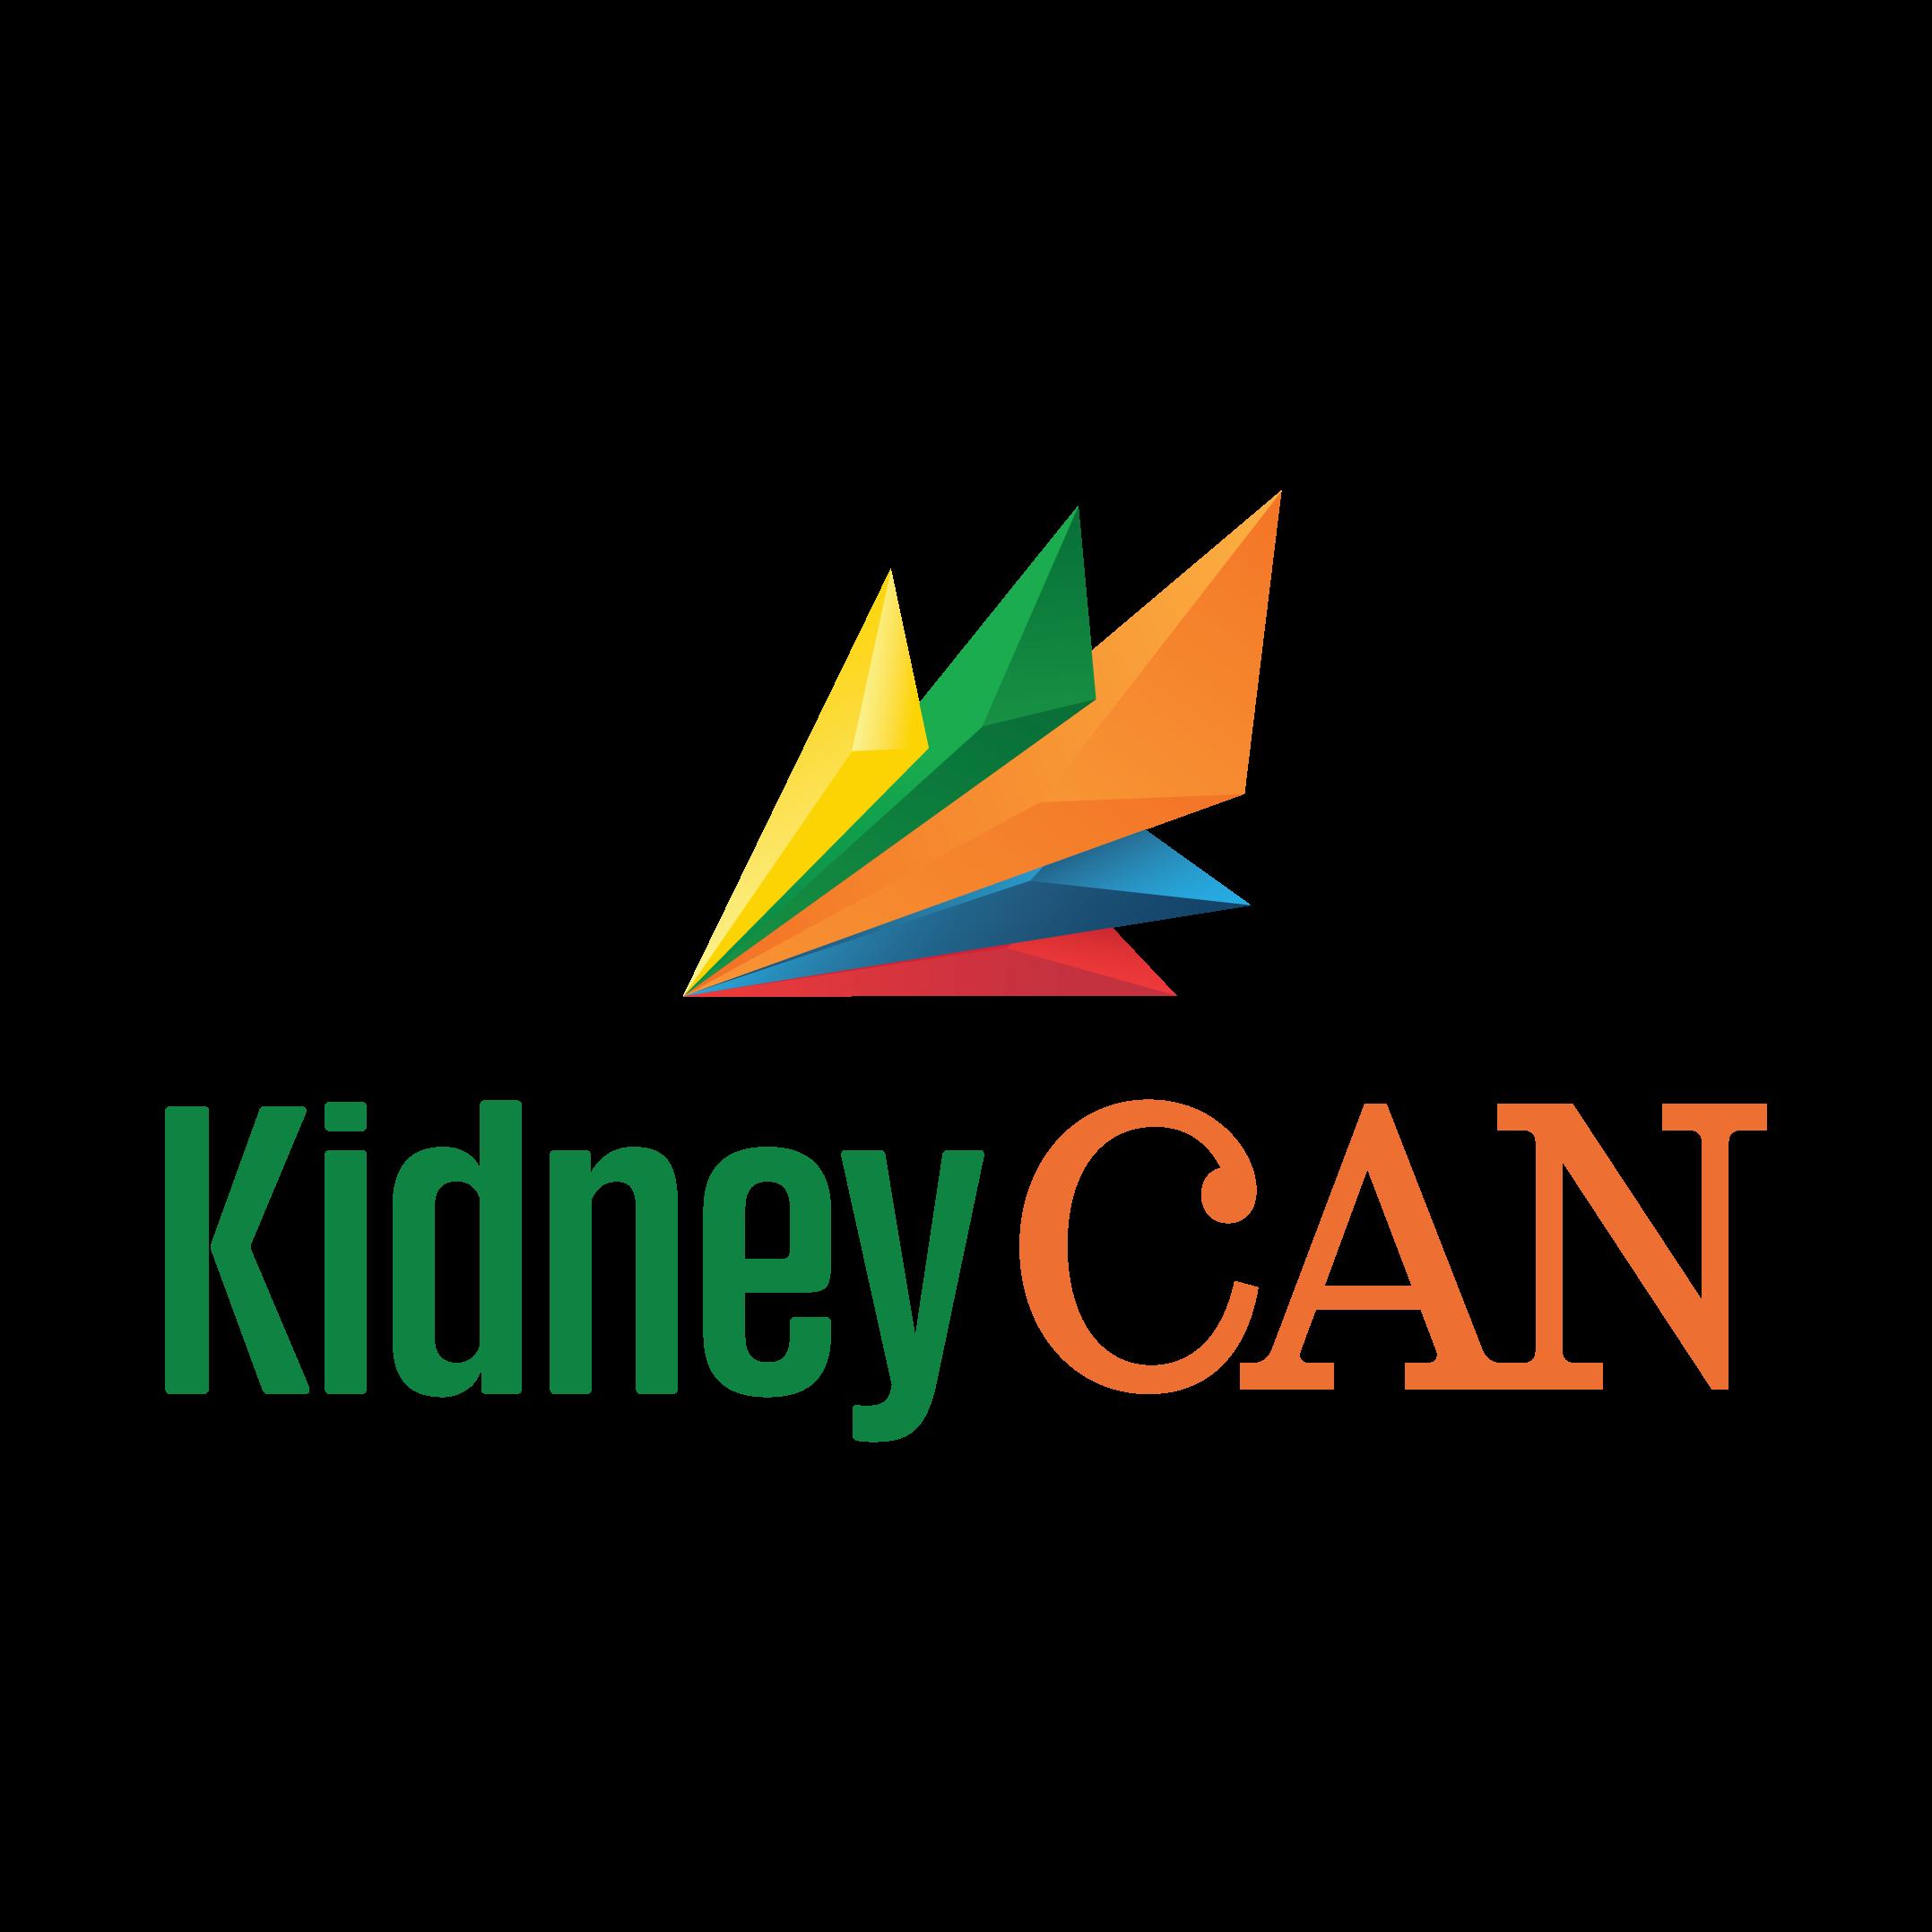 KidneyCAN